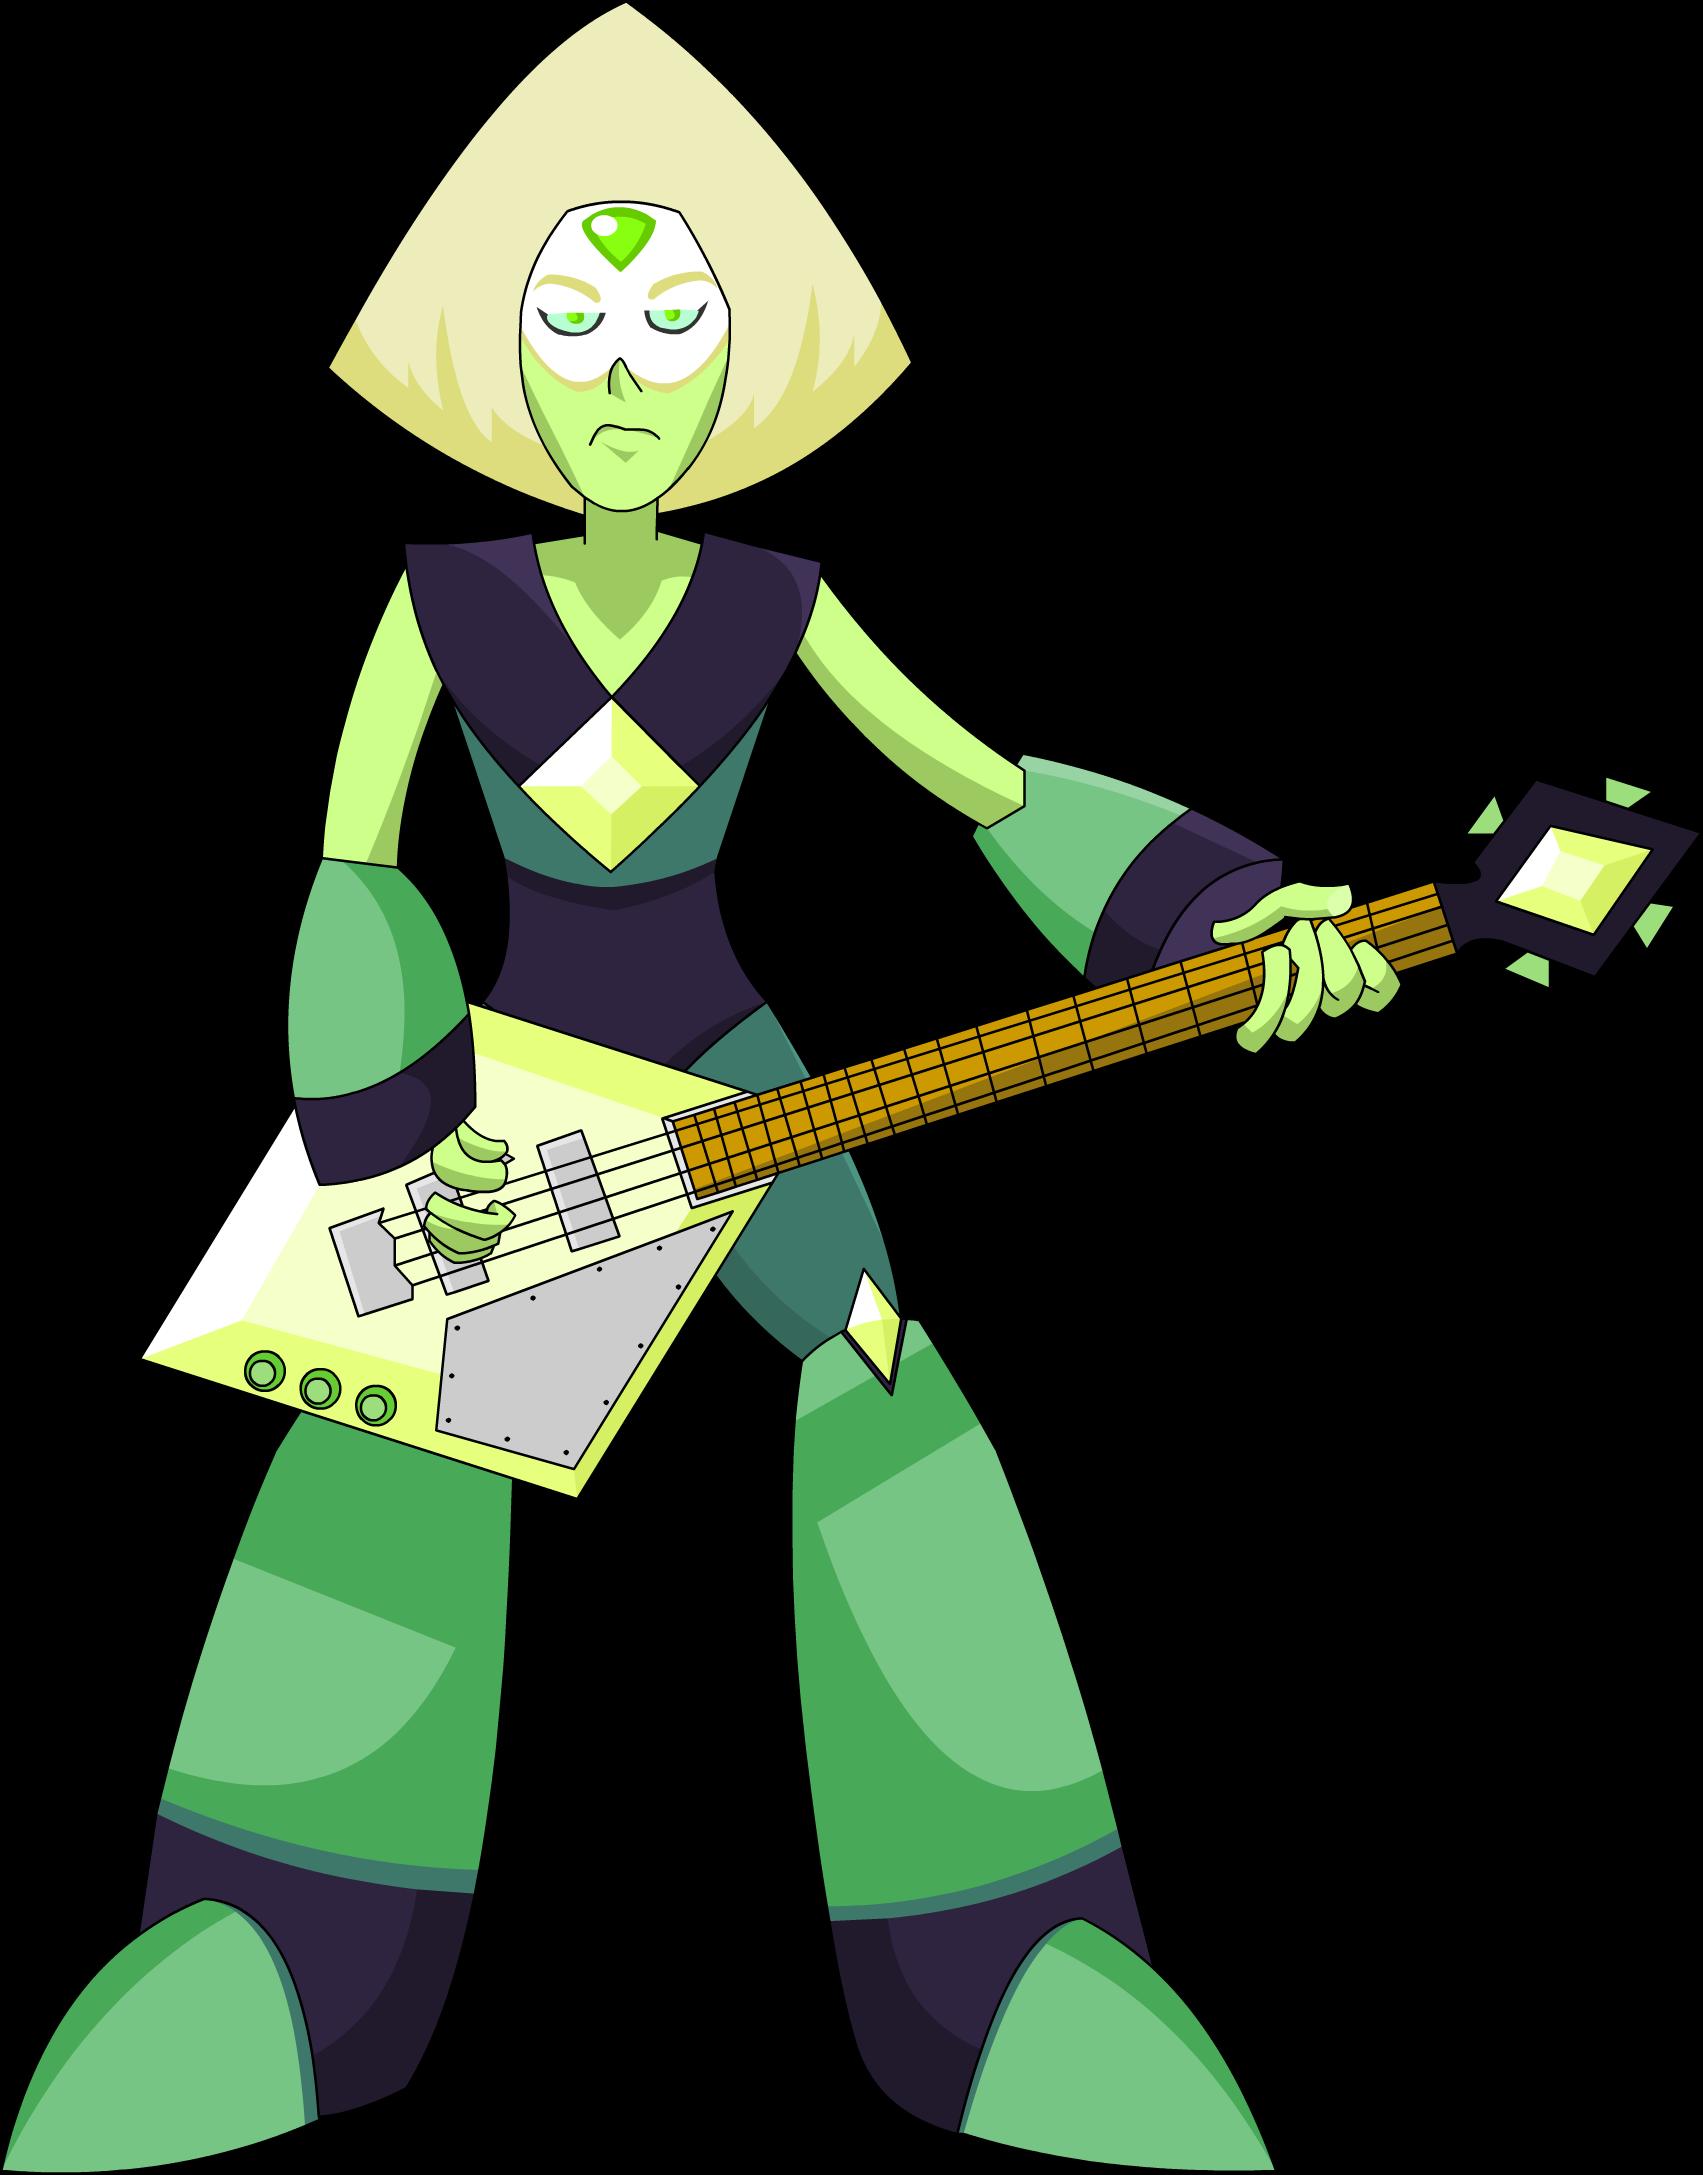 Peridot plays bass